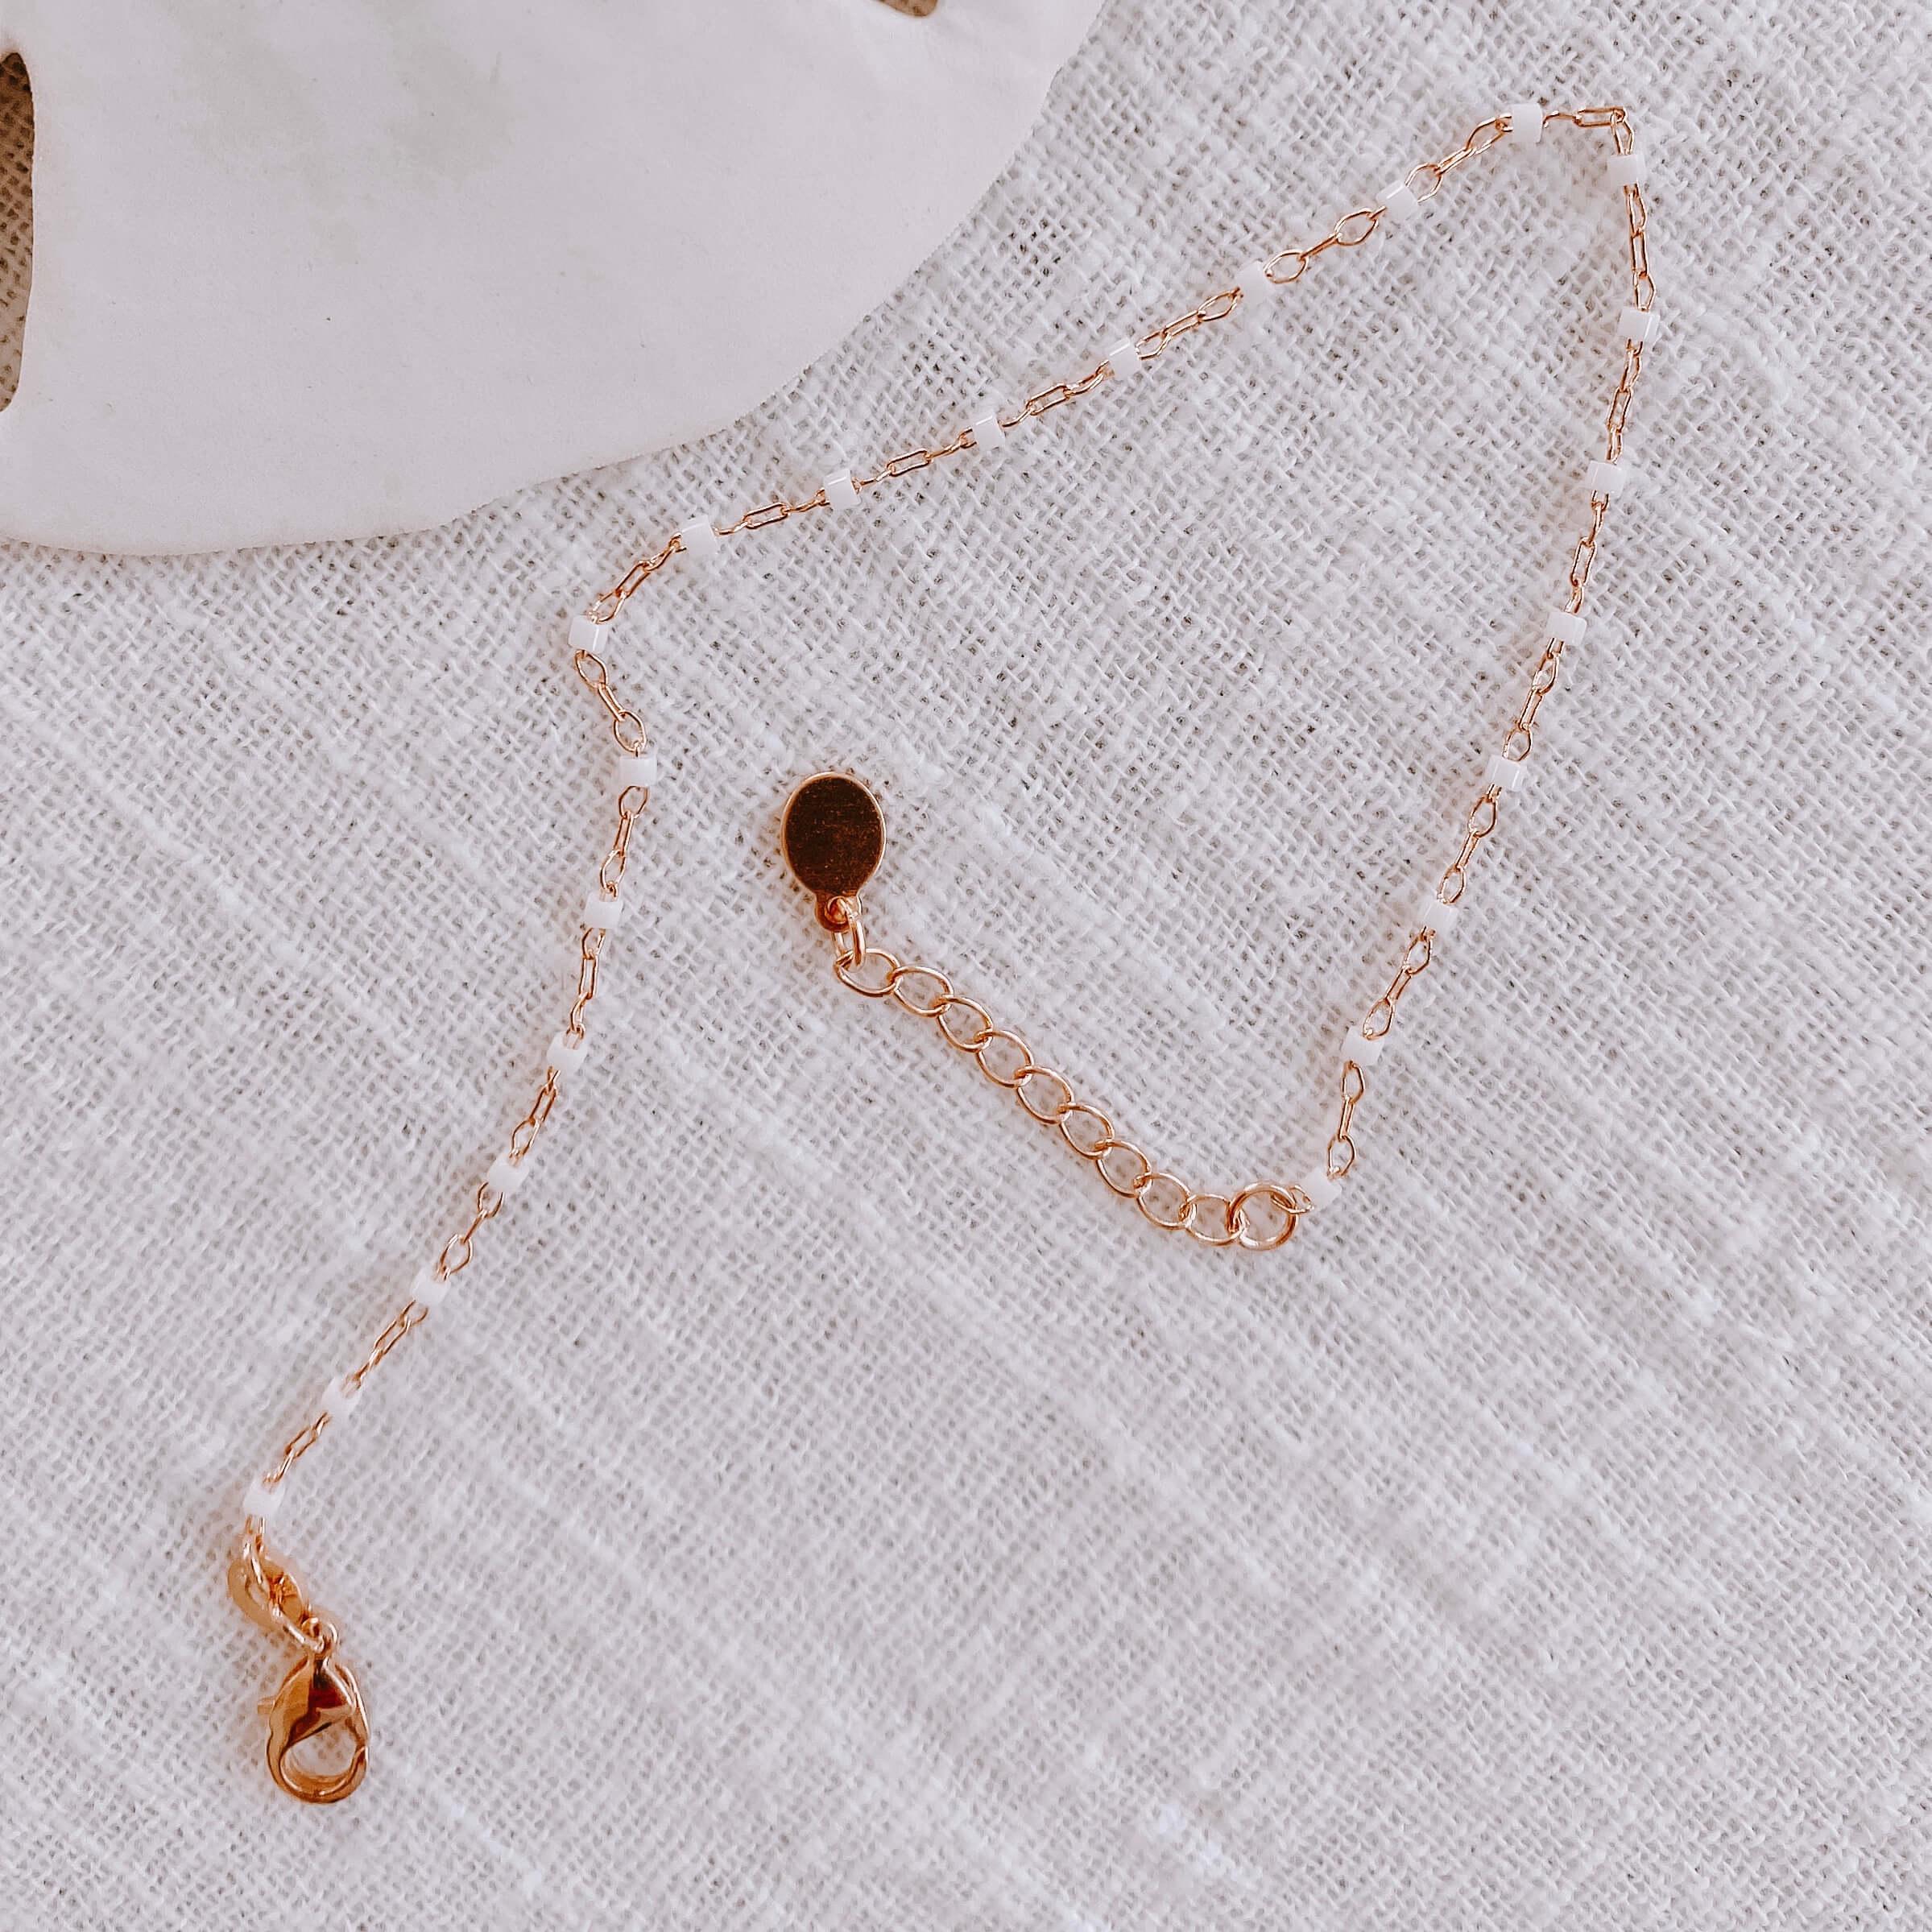 bracelet petites perles miyuki - bracelet perles blanches Cénélia - Jana